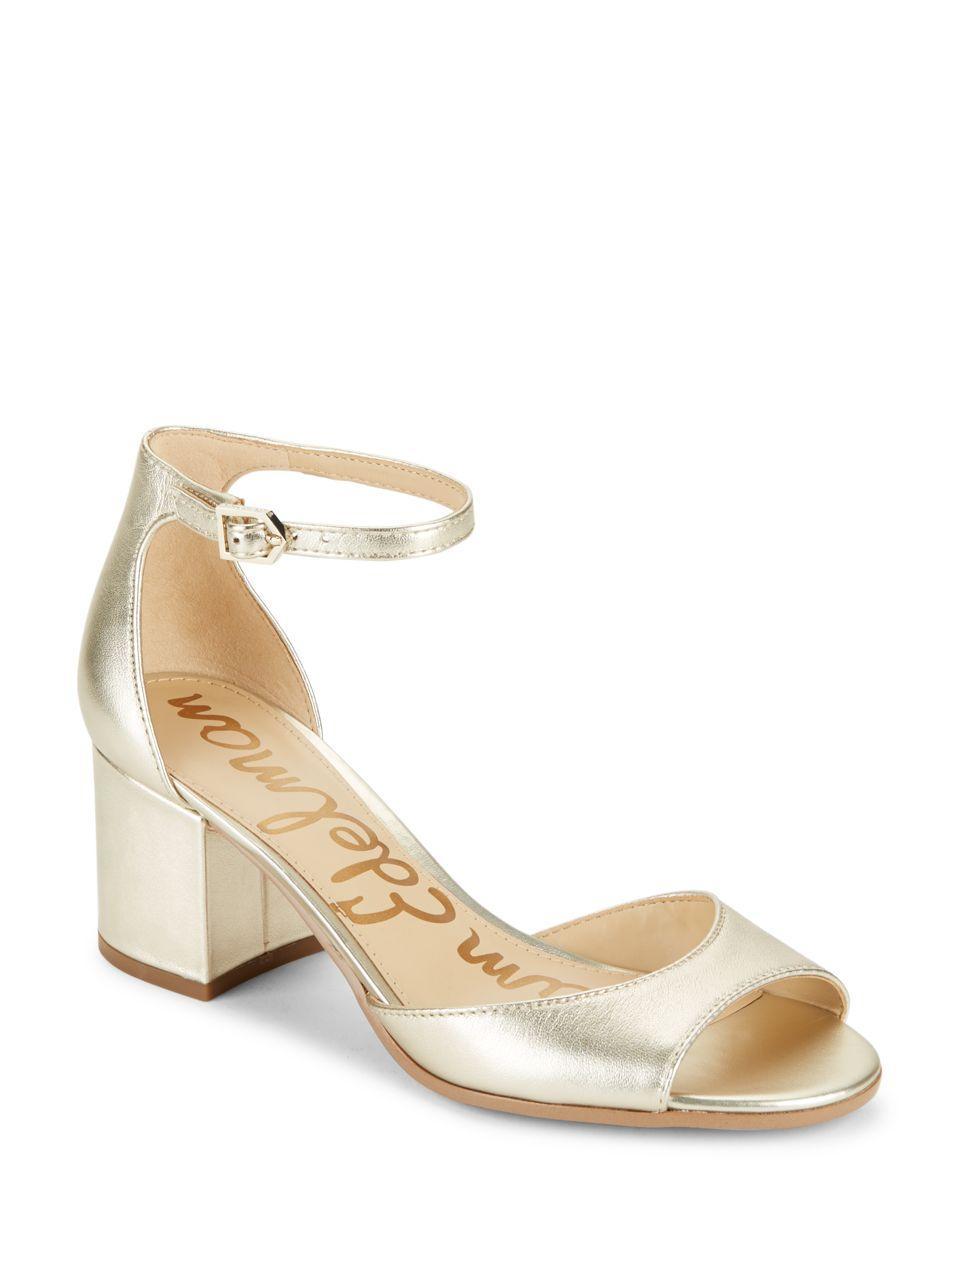 Lyst Sam Edelman Susie Sandals In Metallic